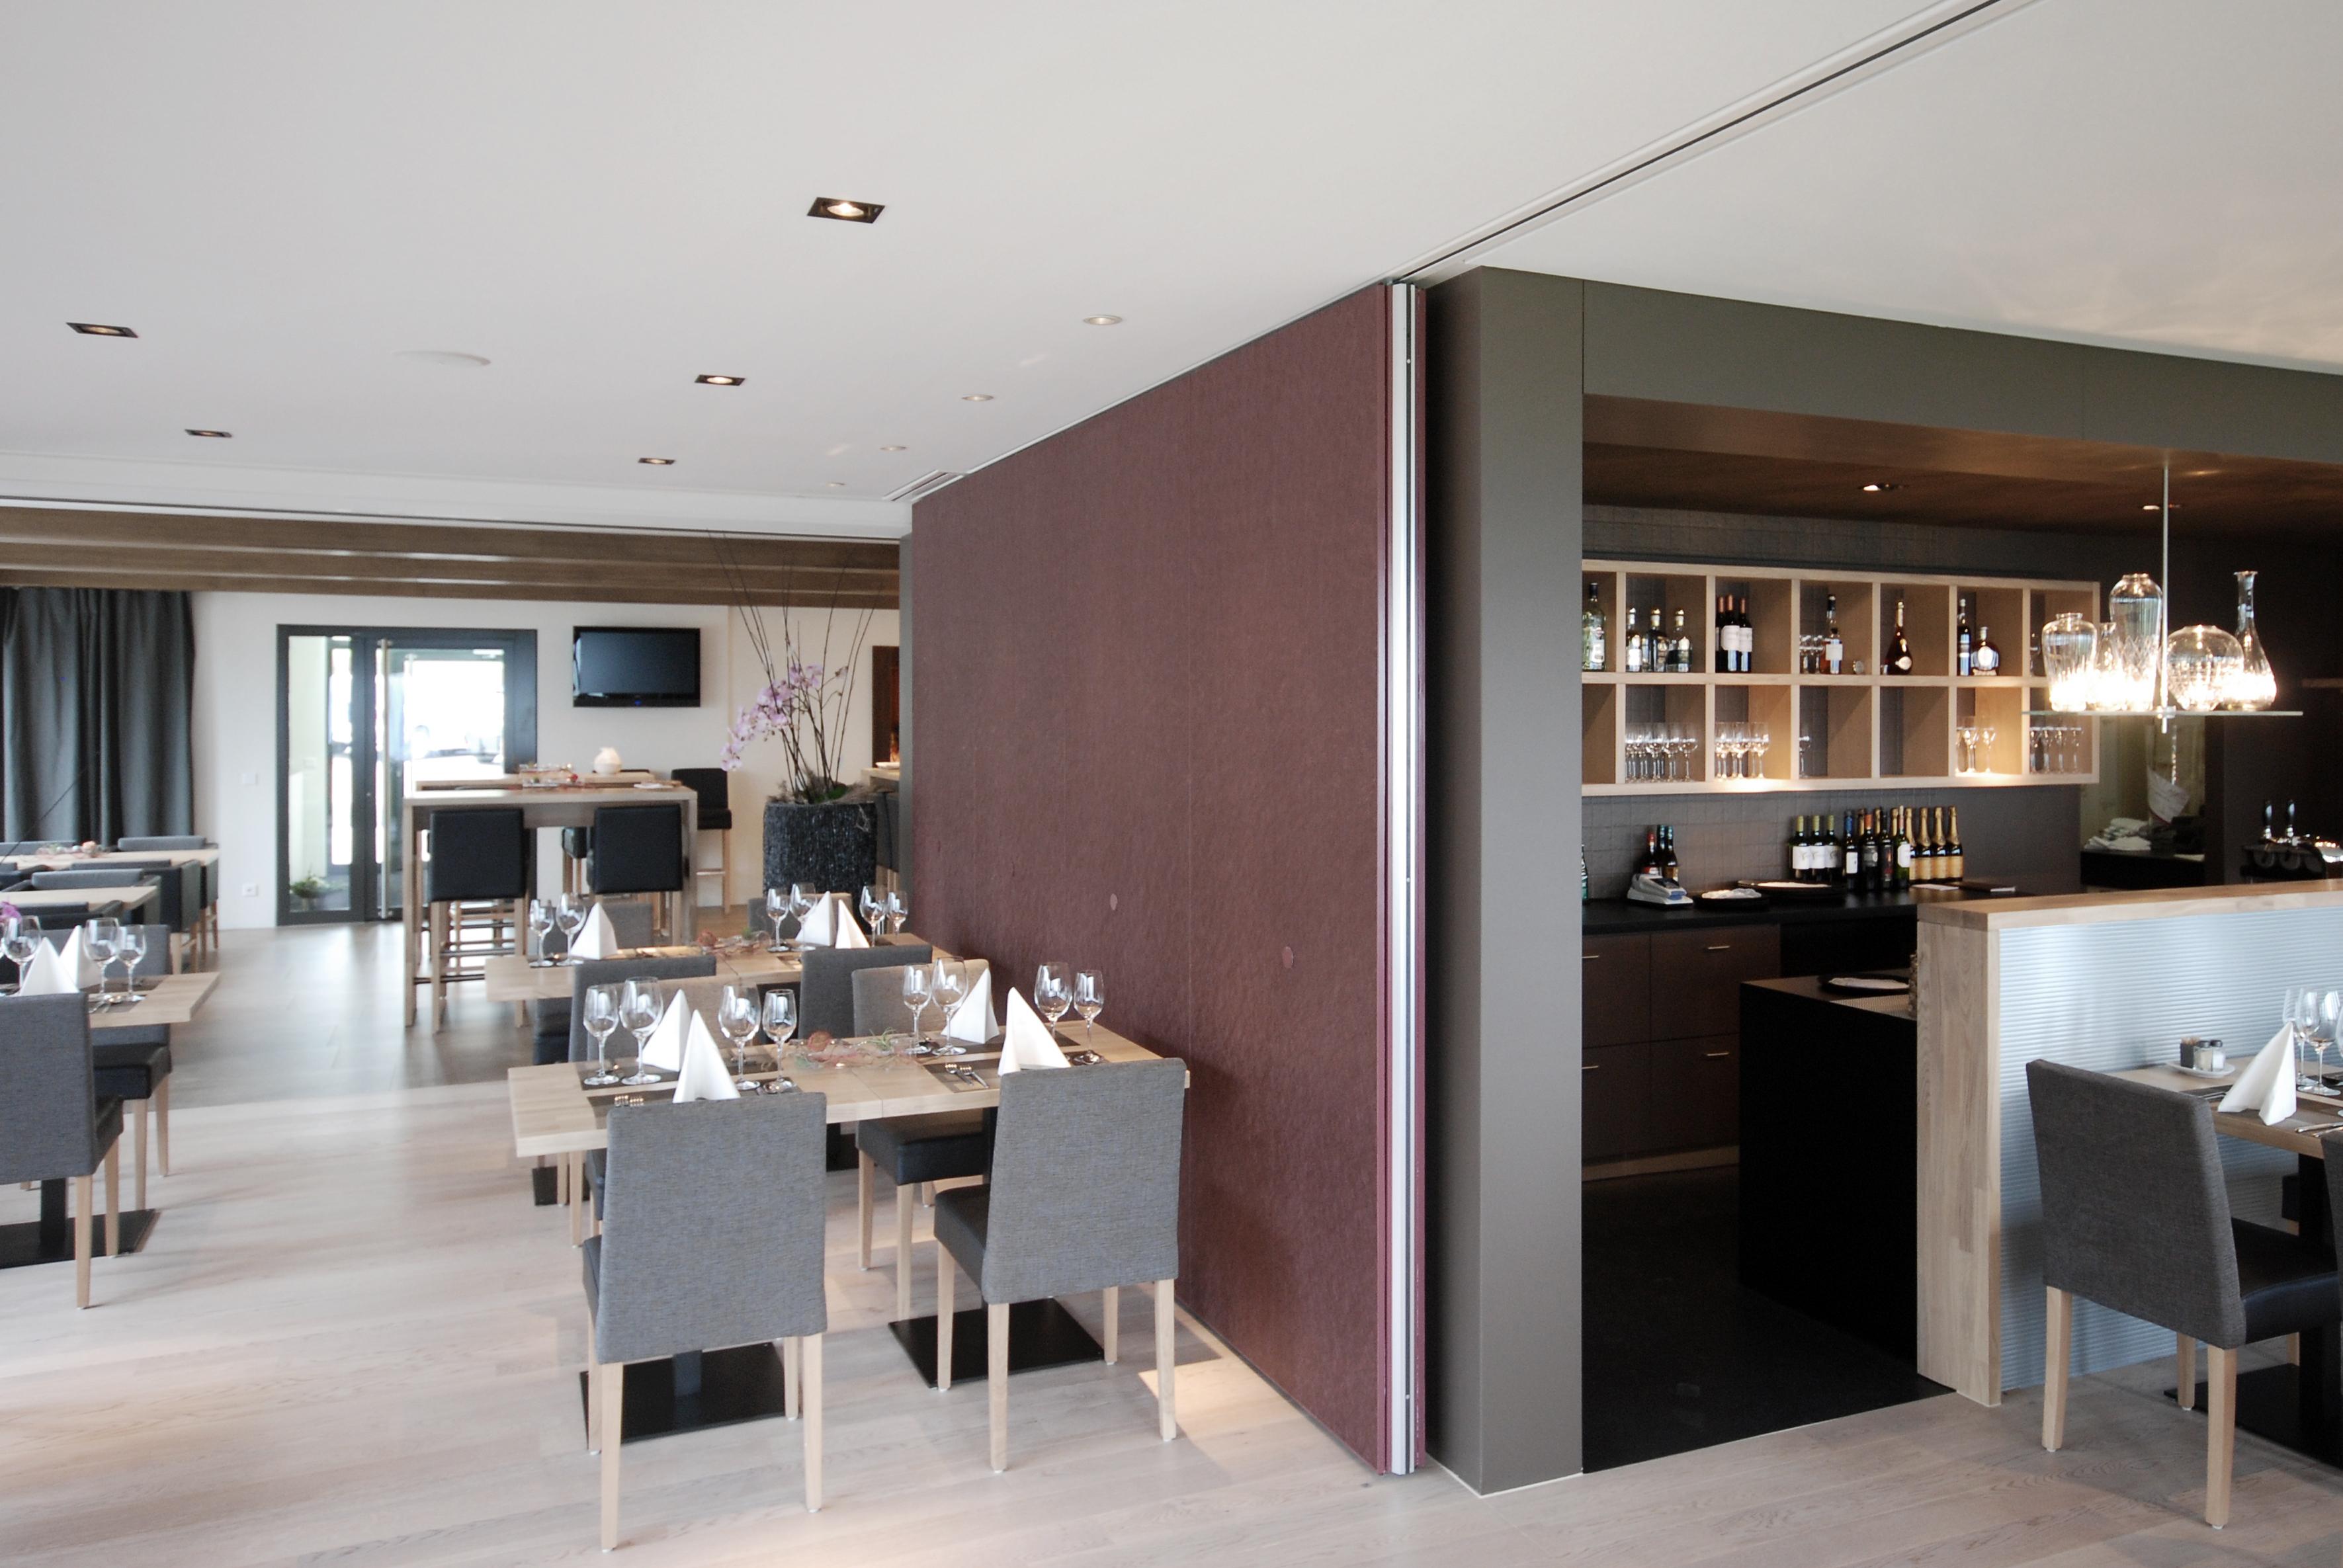 restaurant linde, büttikon - innenarchitektur leitgedanke projekte, Innenarchitektur ideen